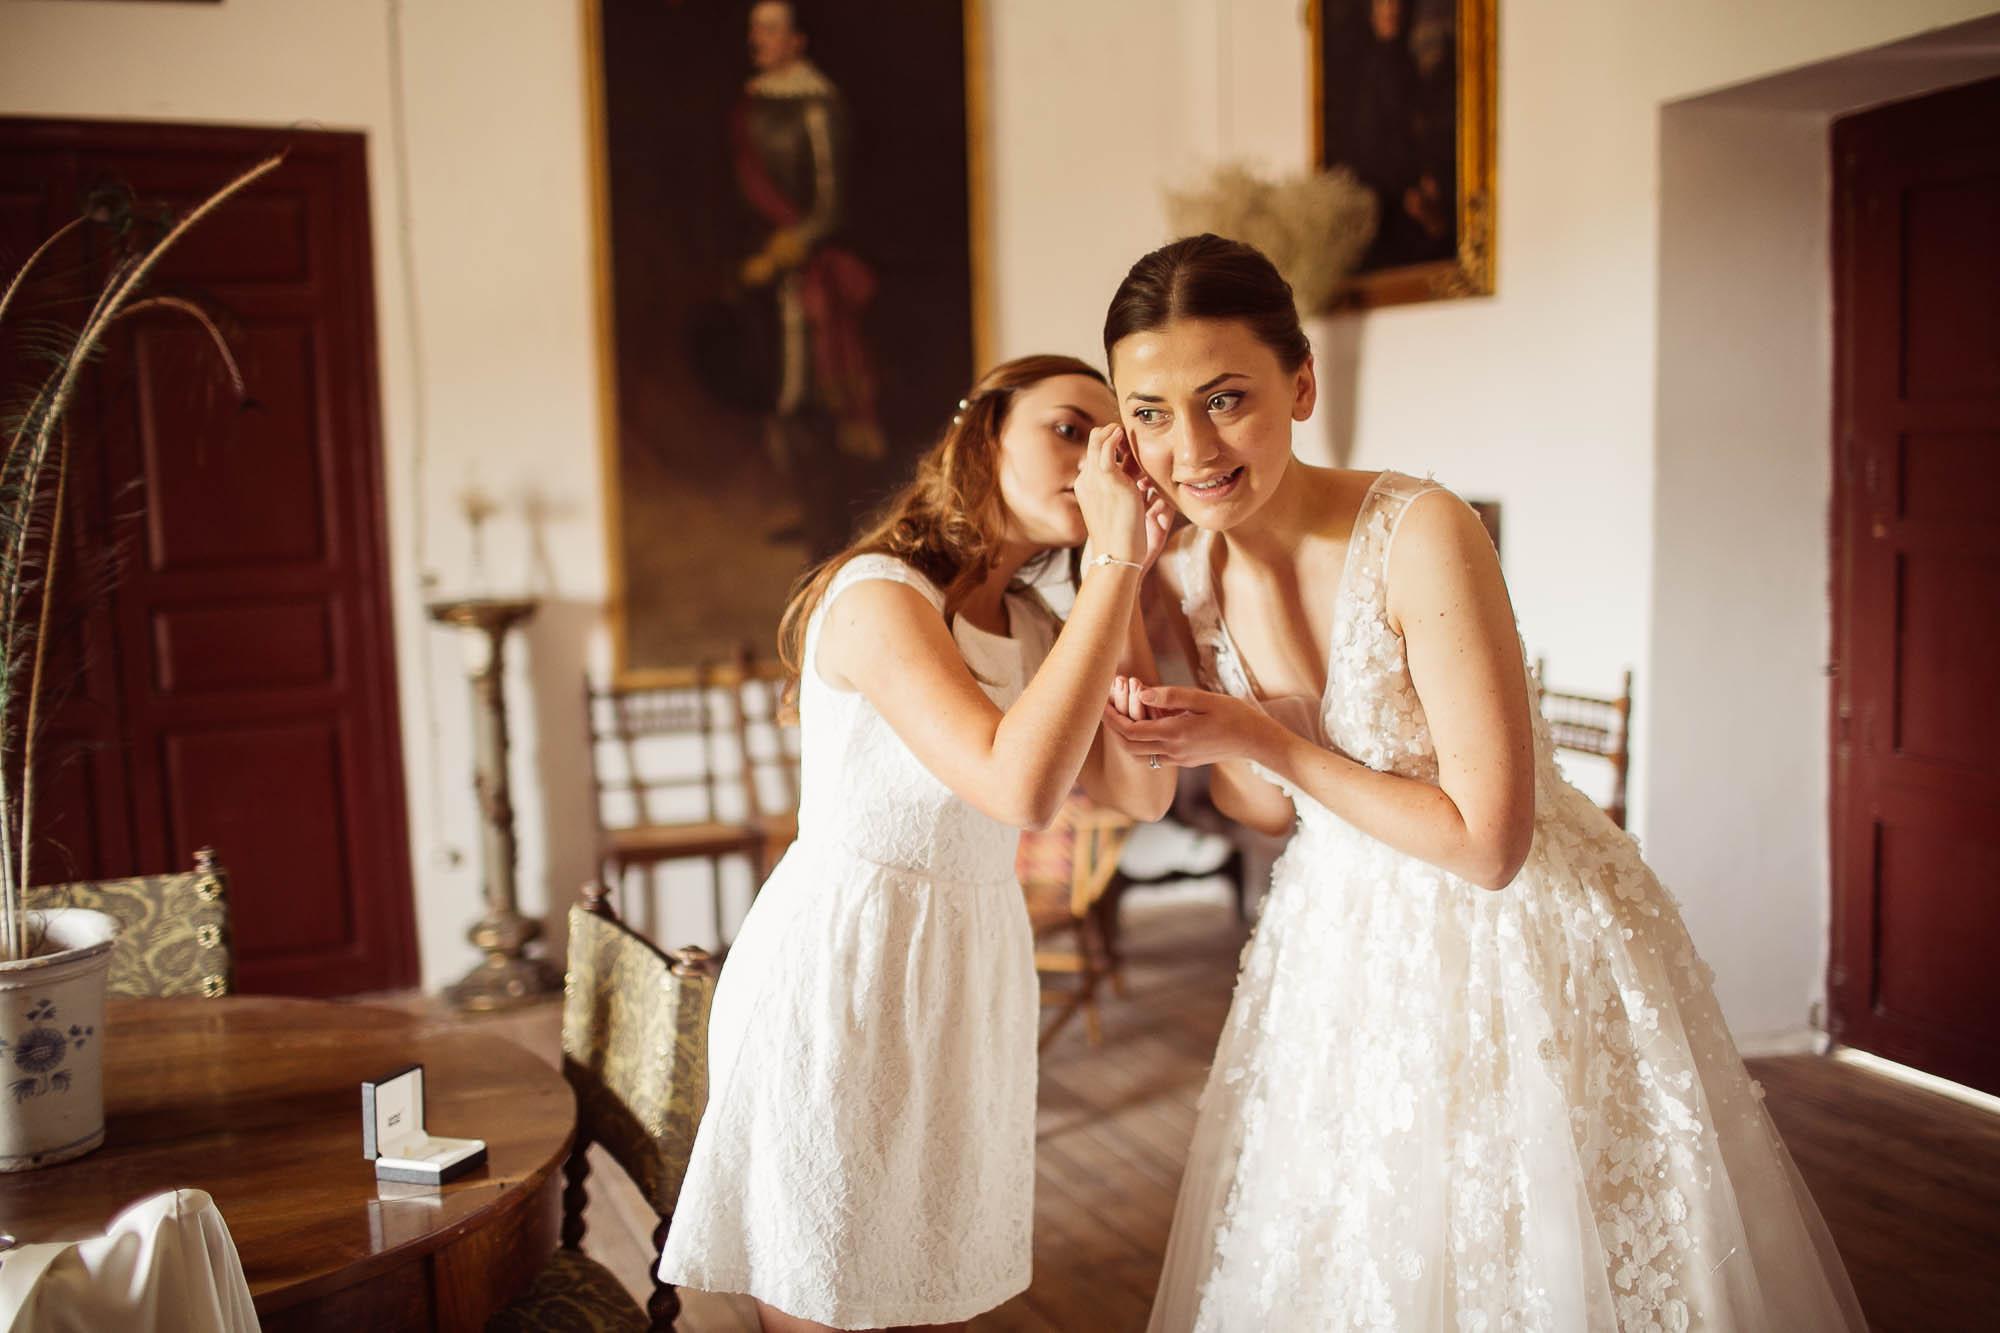 La hermana pone los pendientes a la novia